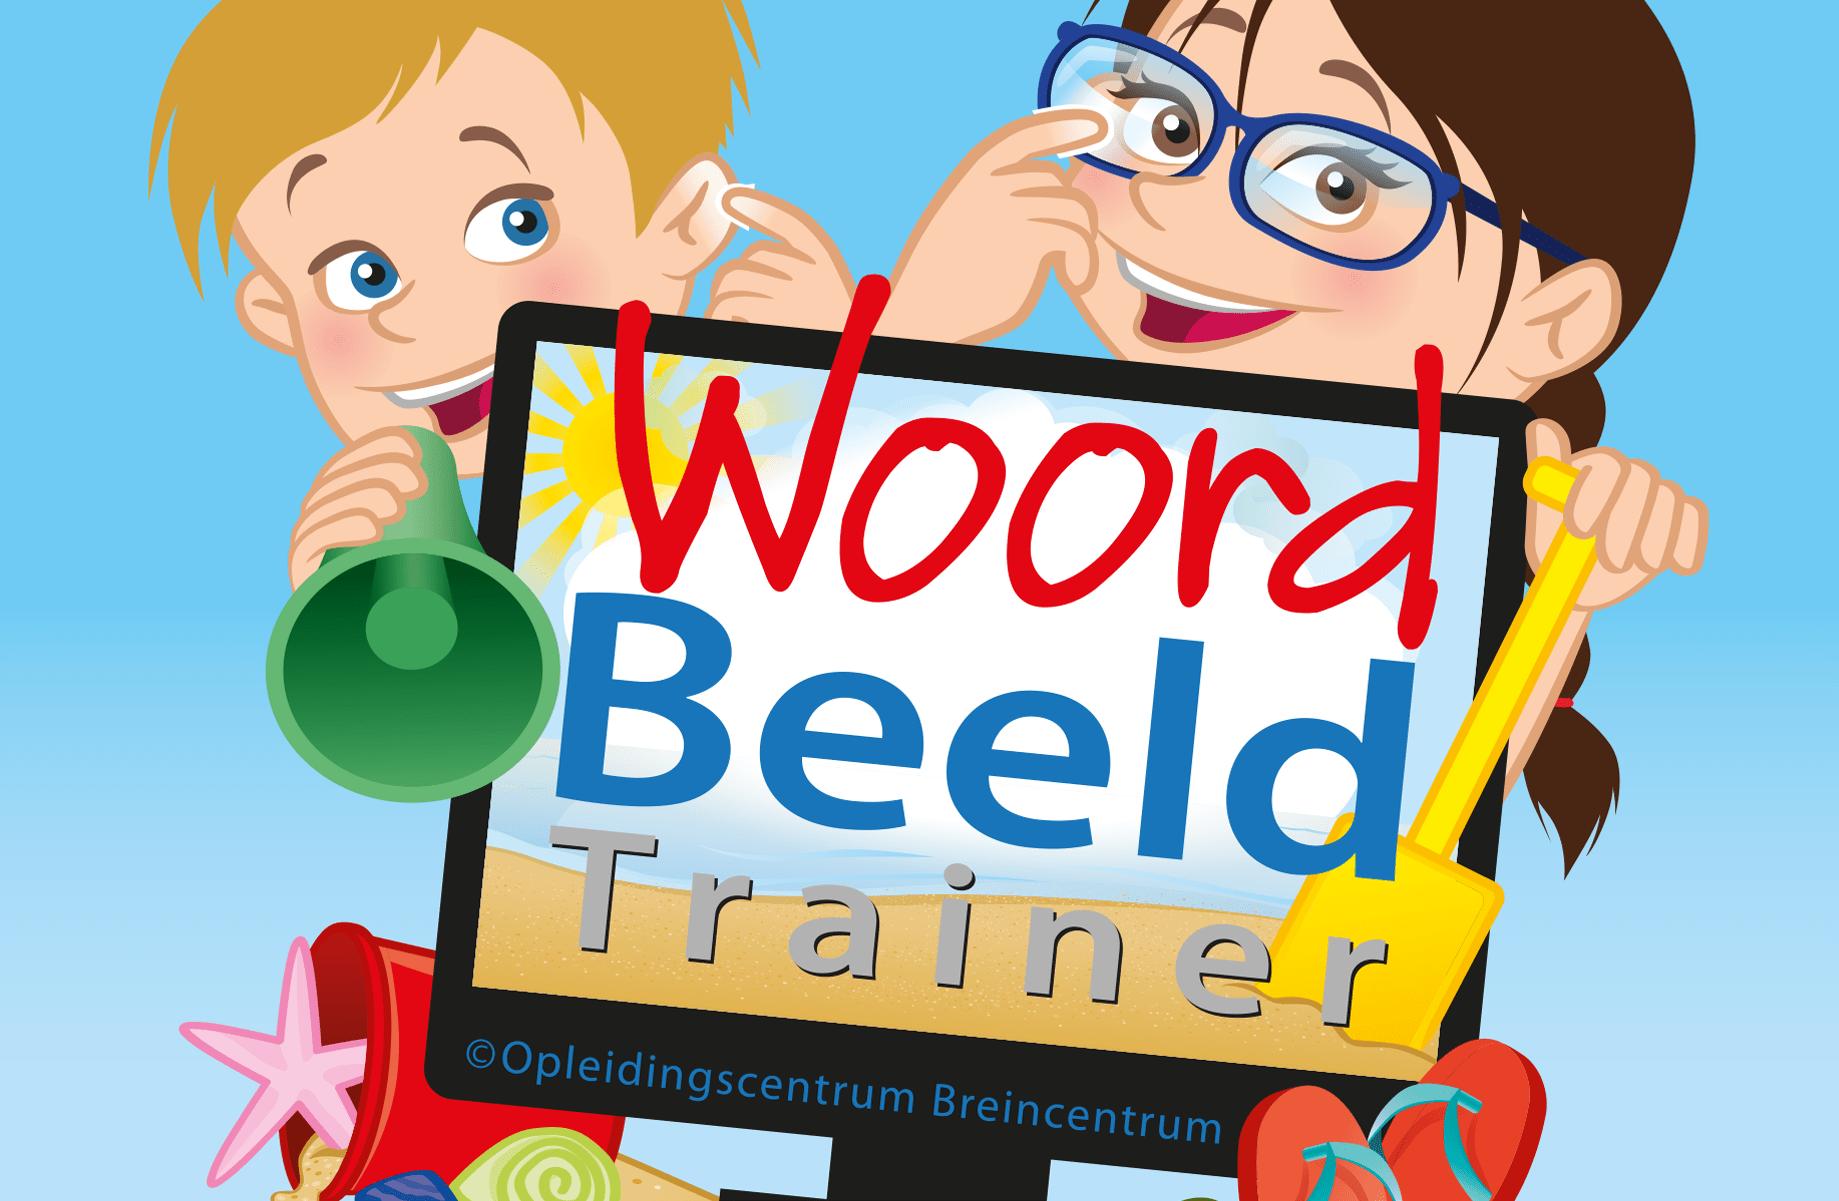 cursus WoordBeeldTrainer